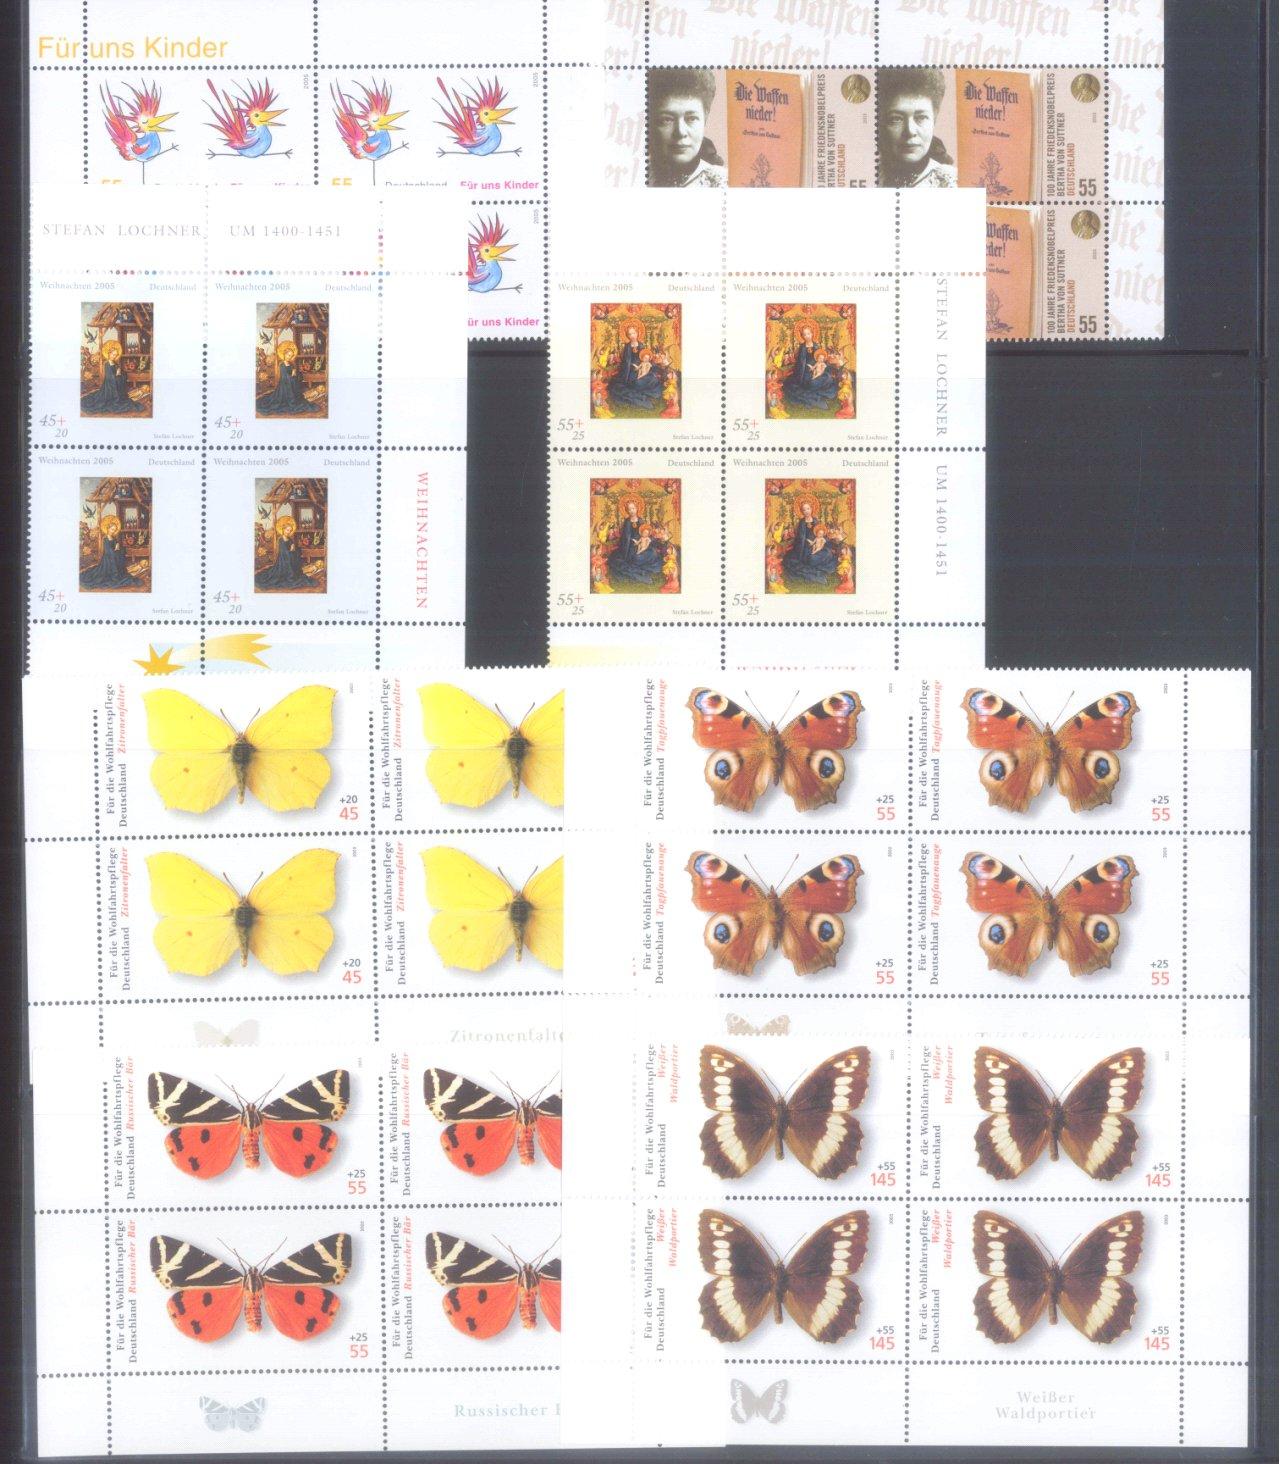 BUND 2005 postfrische 4er-BLOCK Sammlung, 168 EURO NOMINALE-5